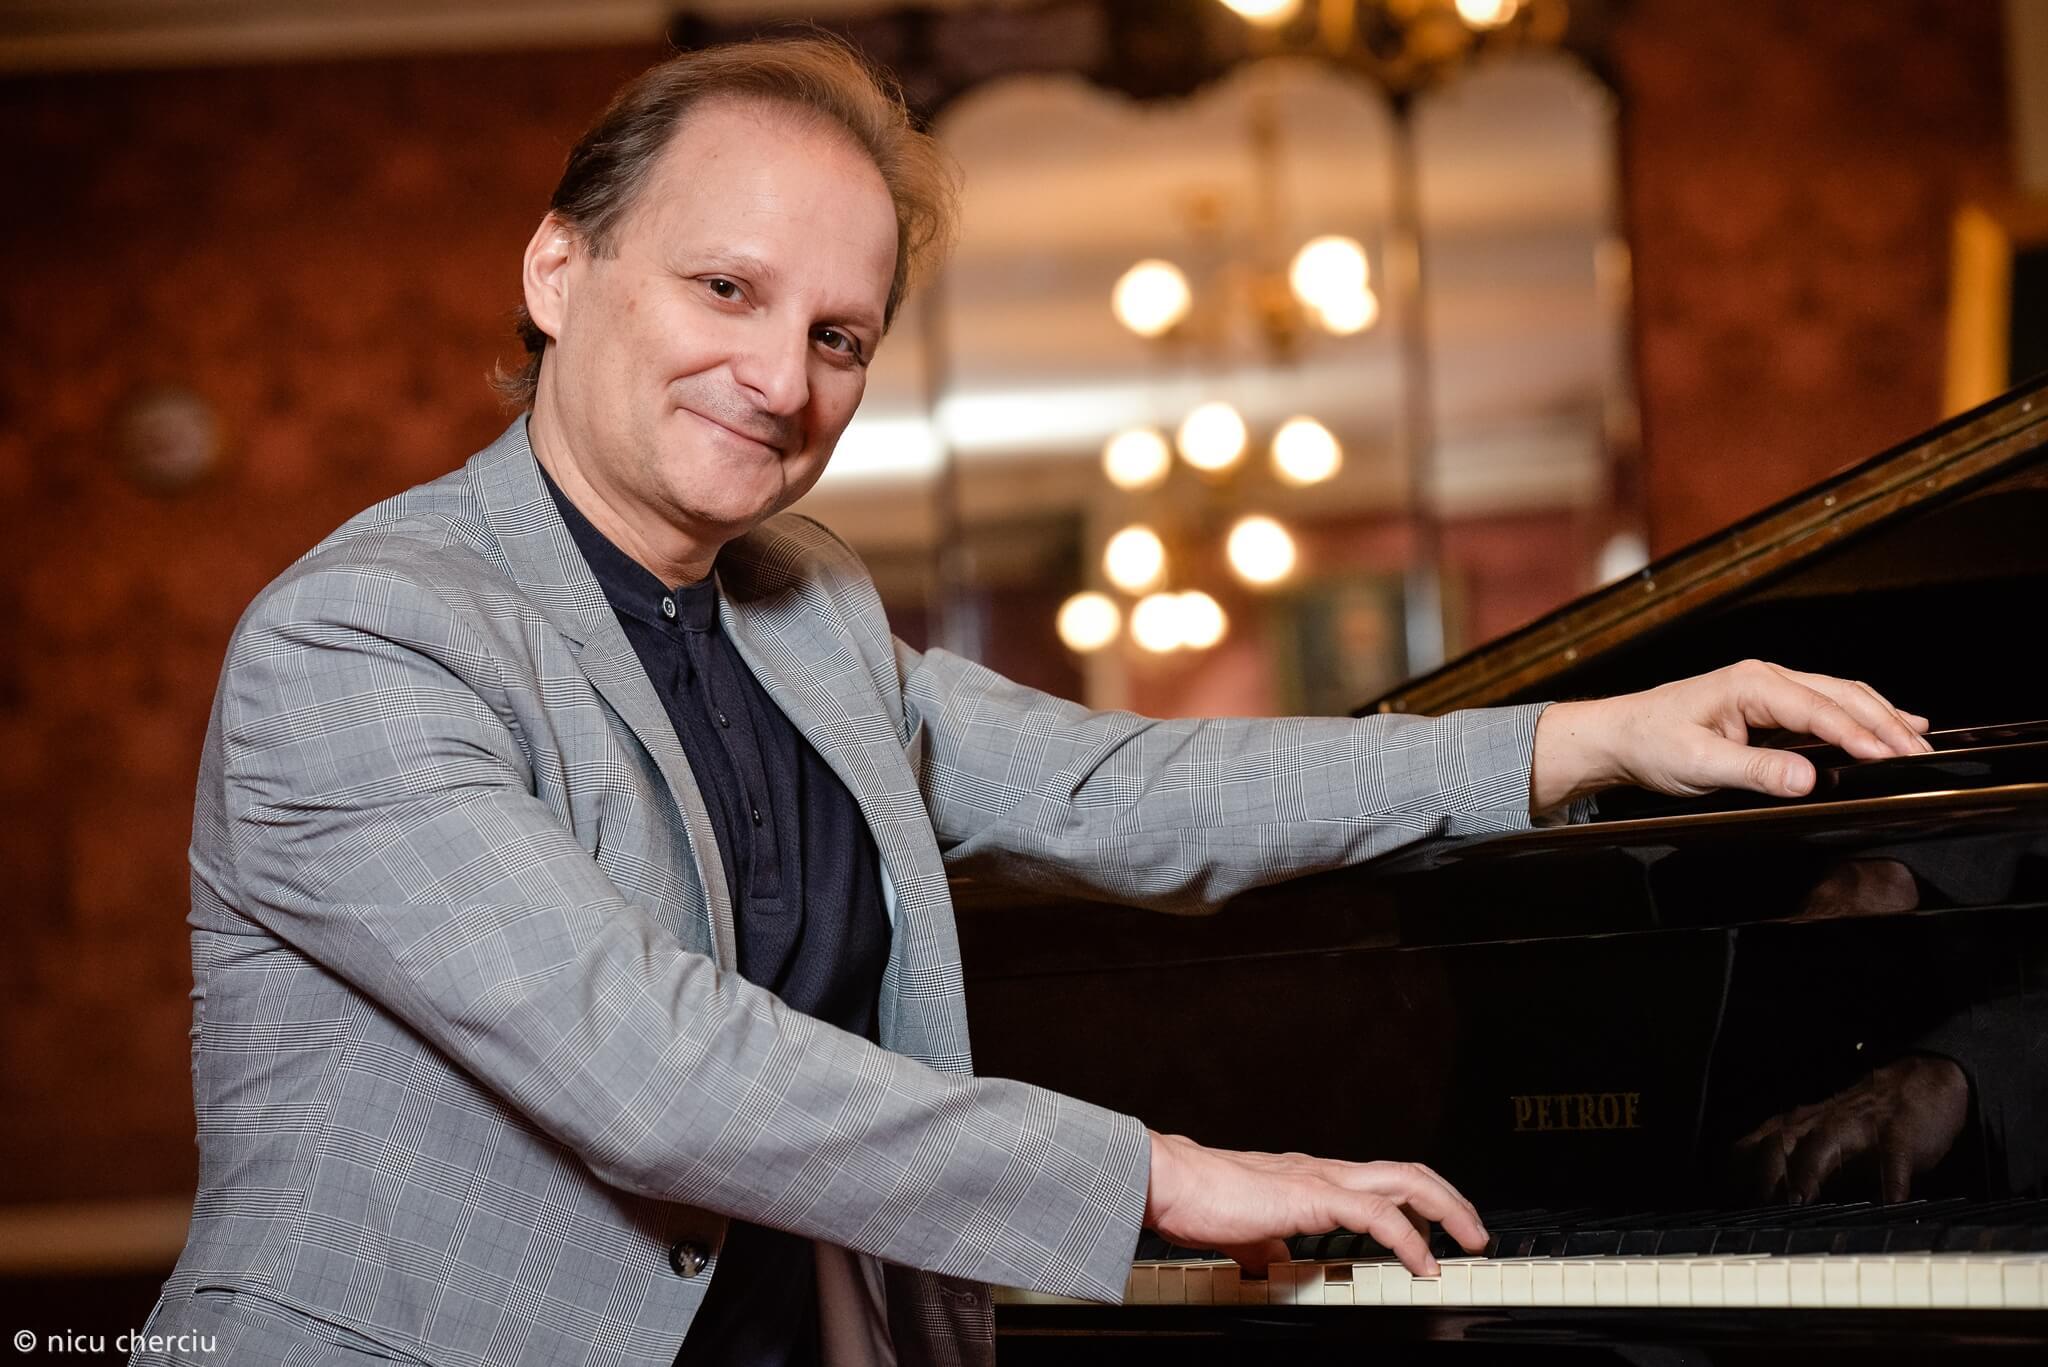 Perfecționism, dedicare și pasiune lirică. Dirijorul italian David Crescenzi este noul Director Artistic al Operei Naționale Române din Cluj-Napoca